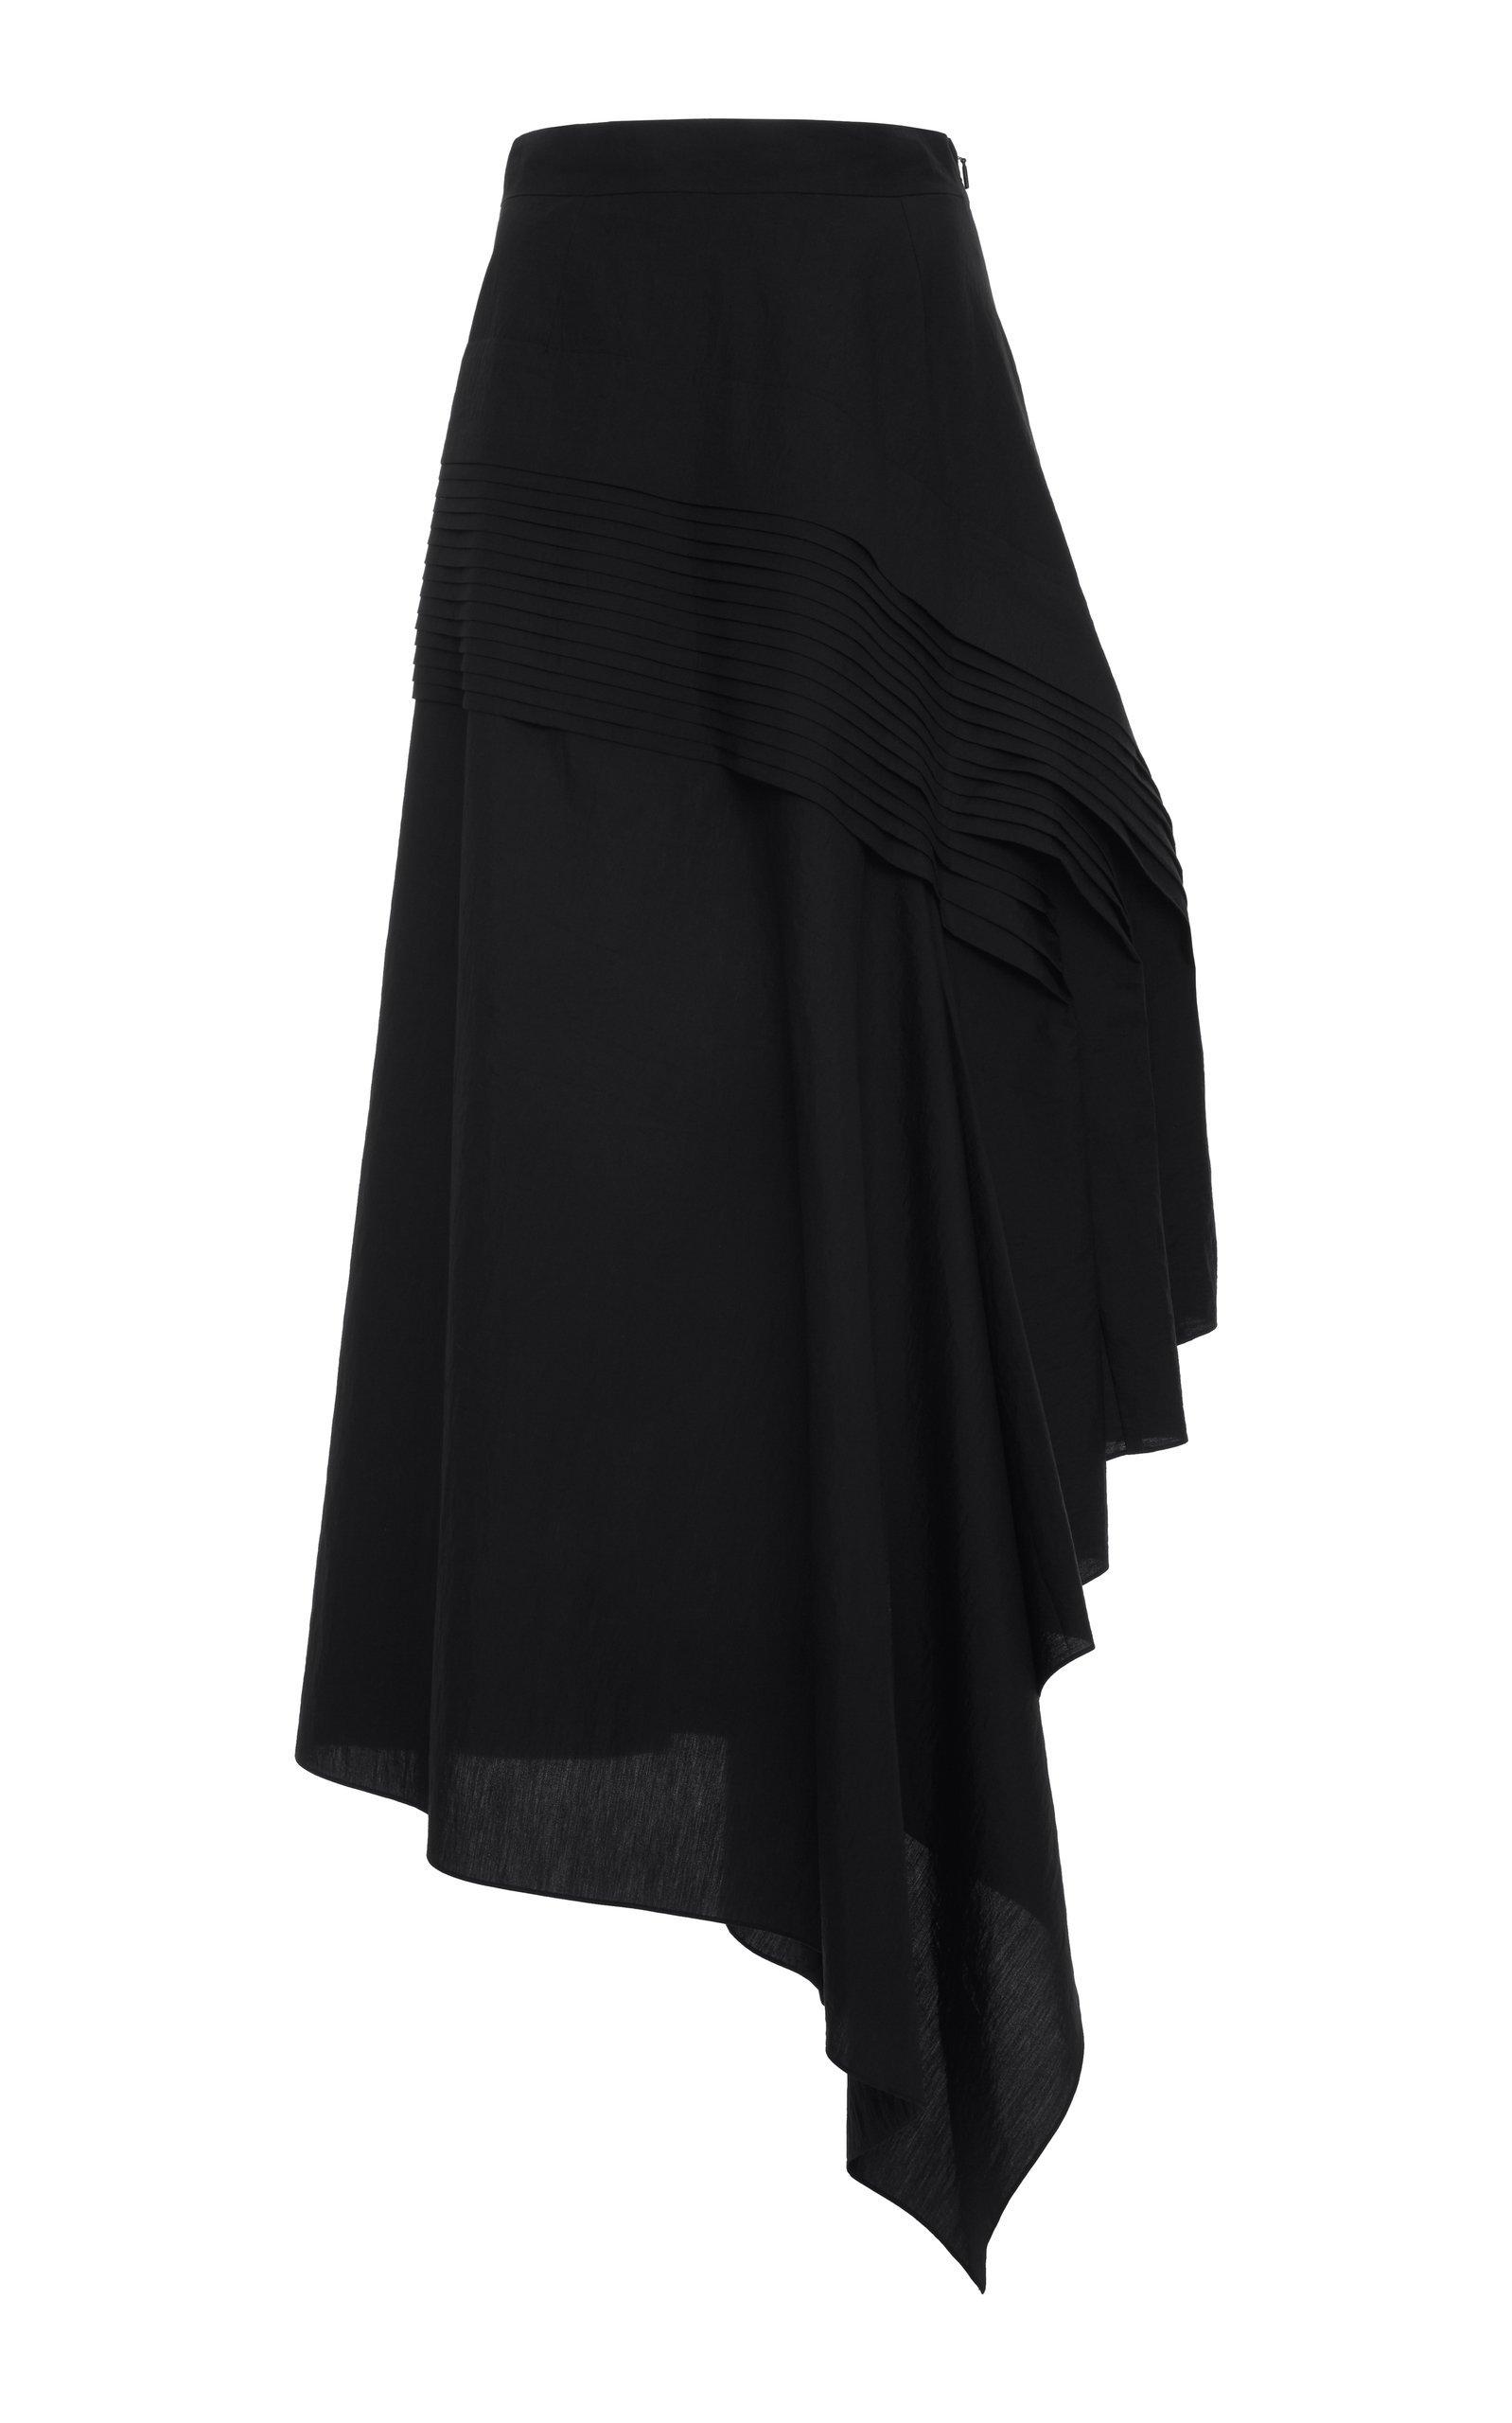 Loewe Plissé Side Midi Skirt Size: 36